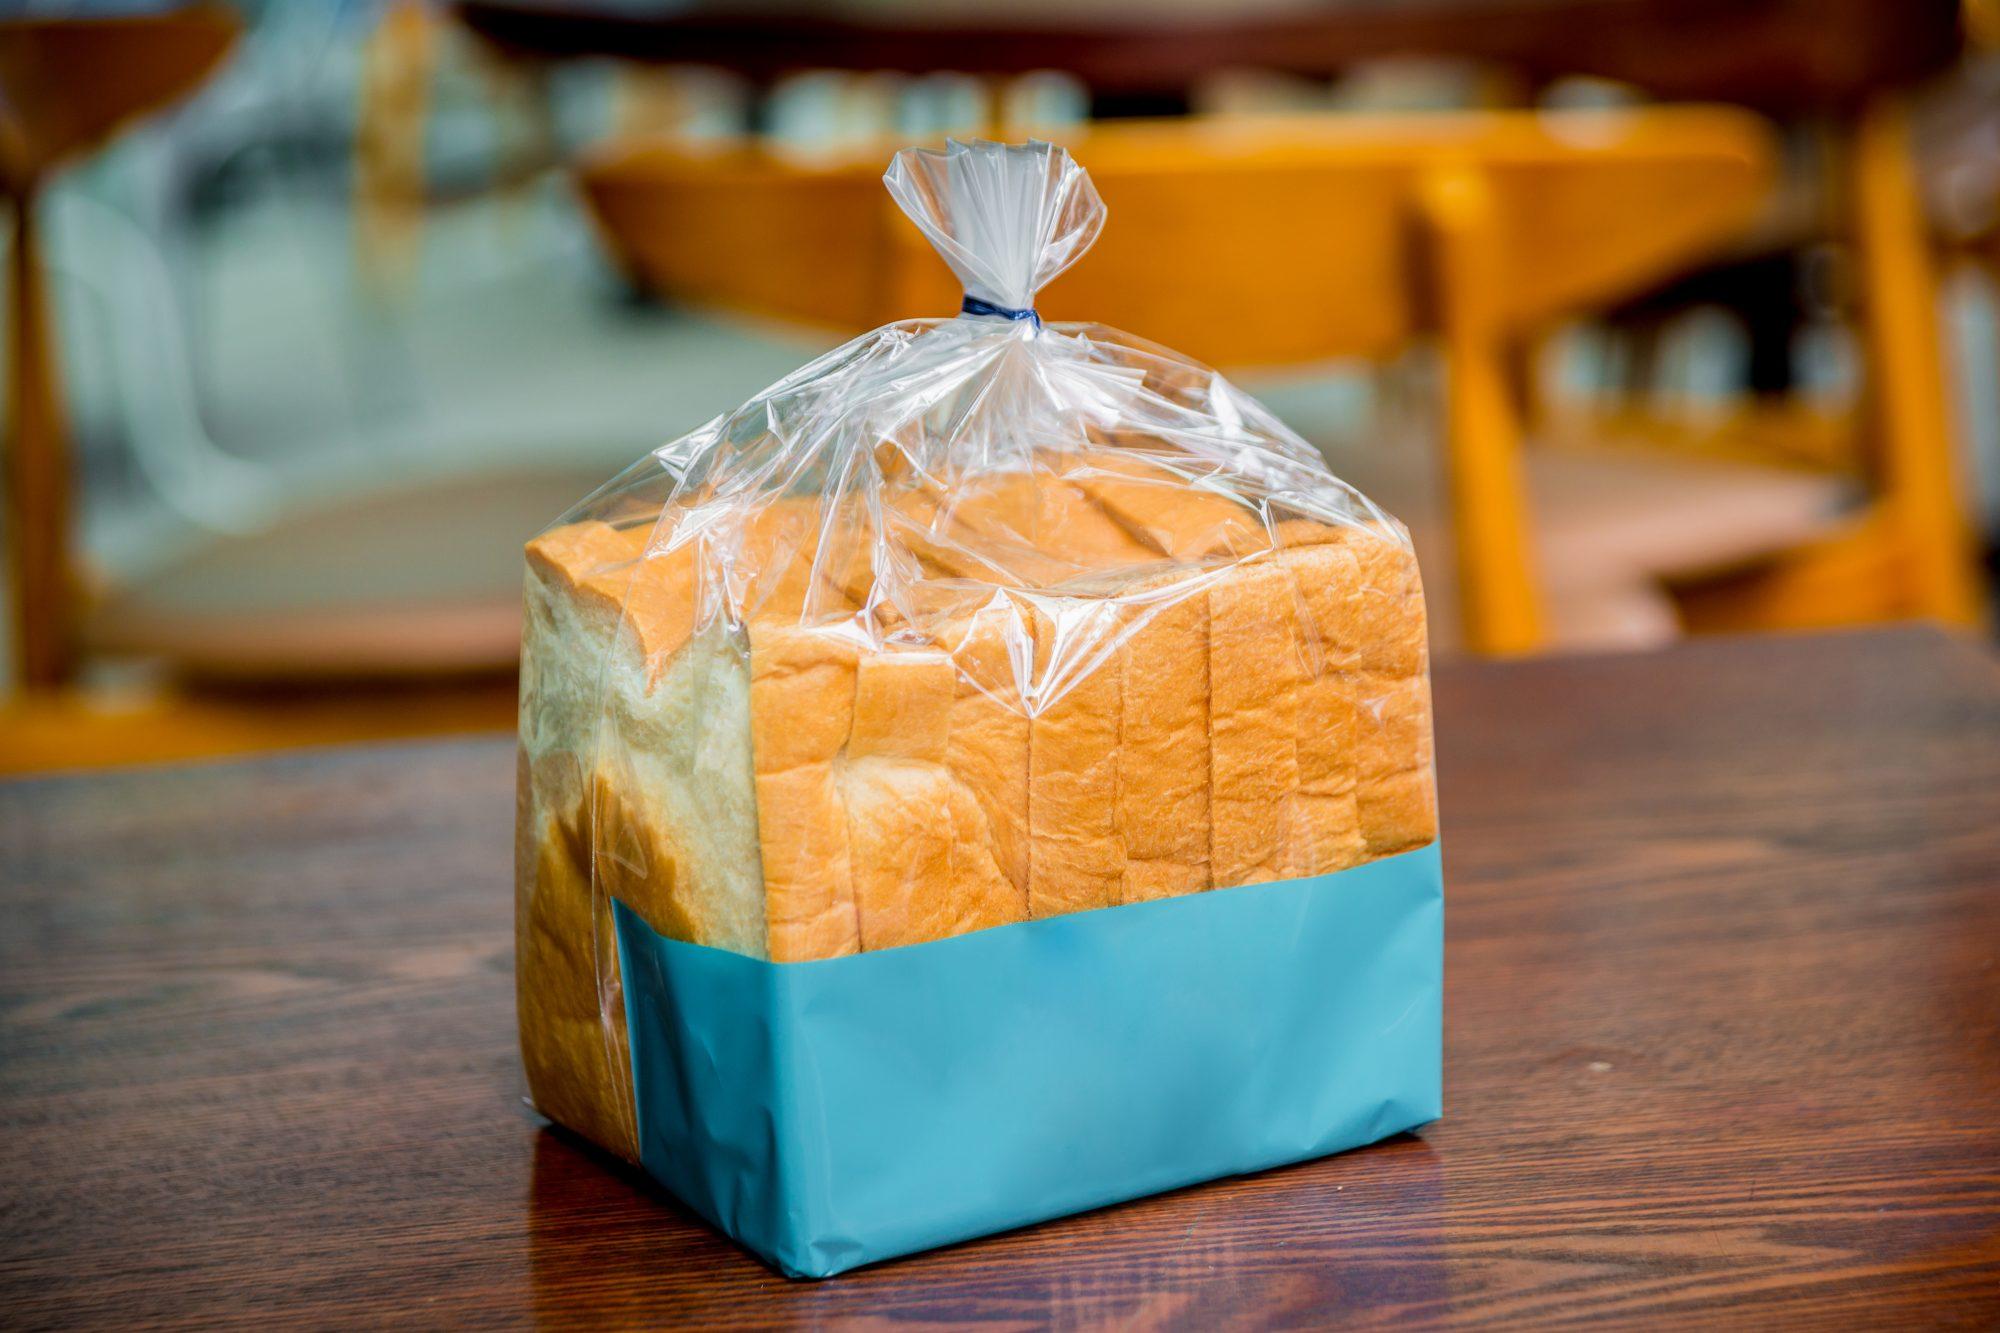 Bread in Plastic Getty 3/20/20